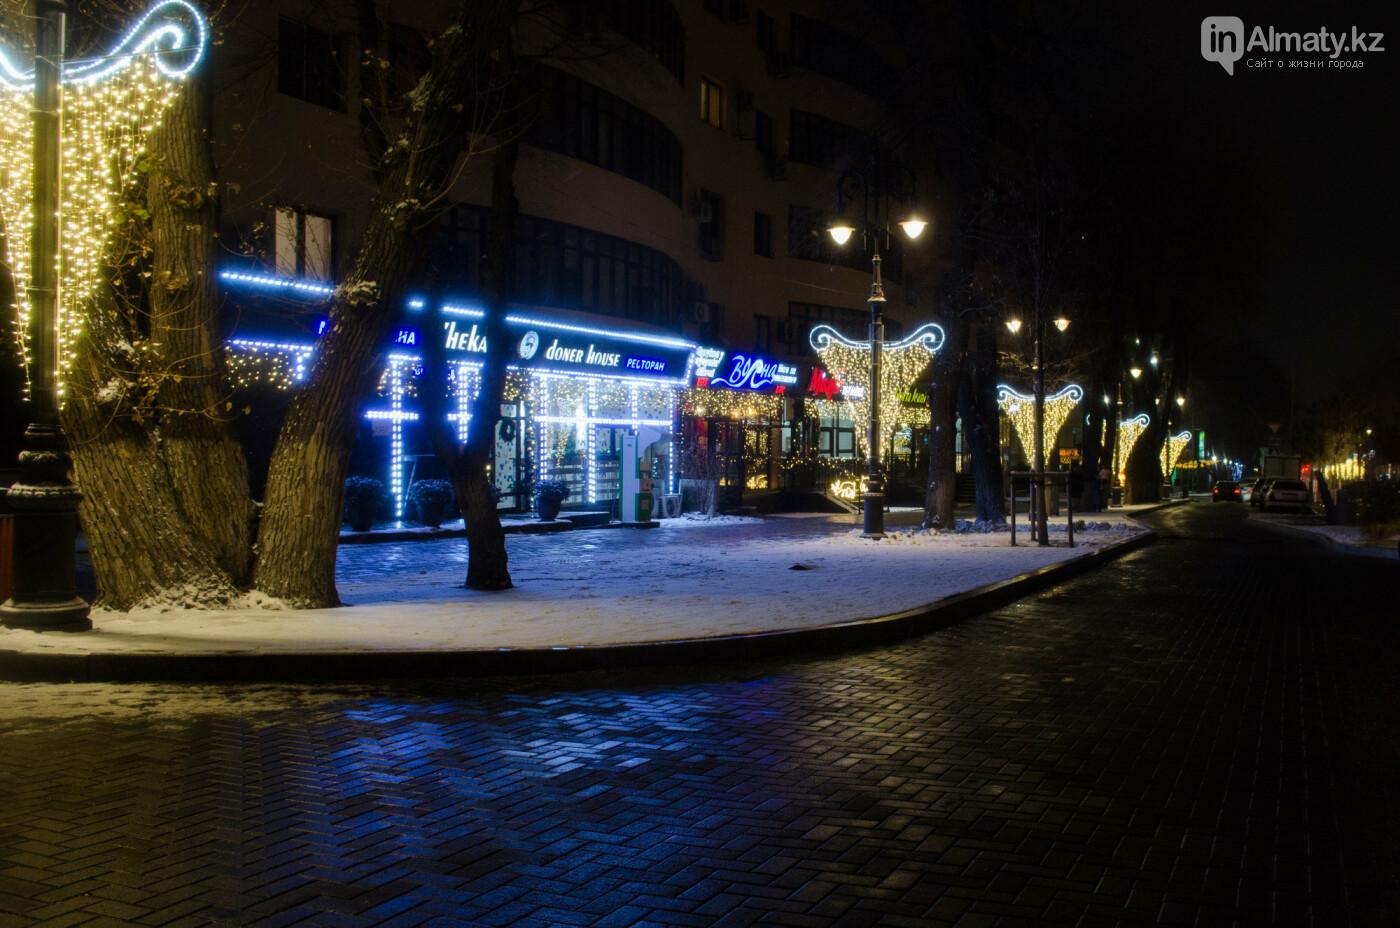 Как украшен центр Алматы к Новому году (фото), фото-22